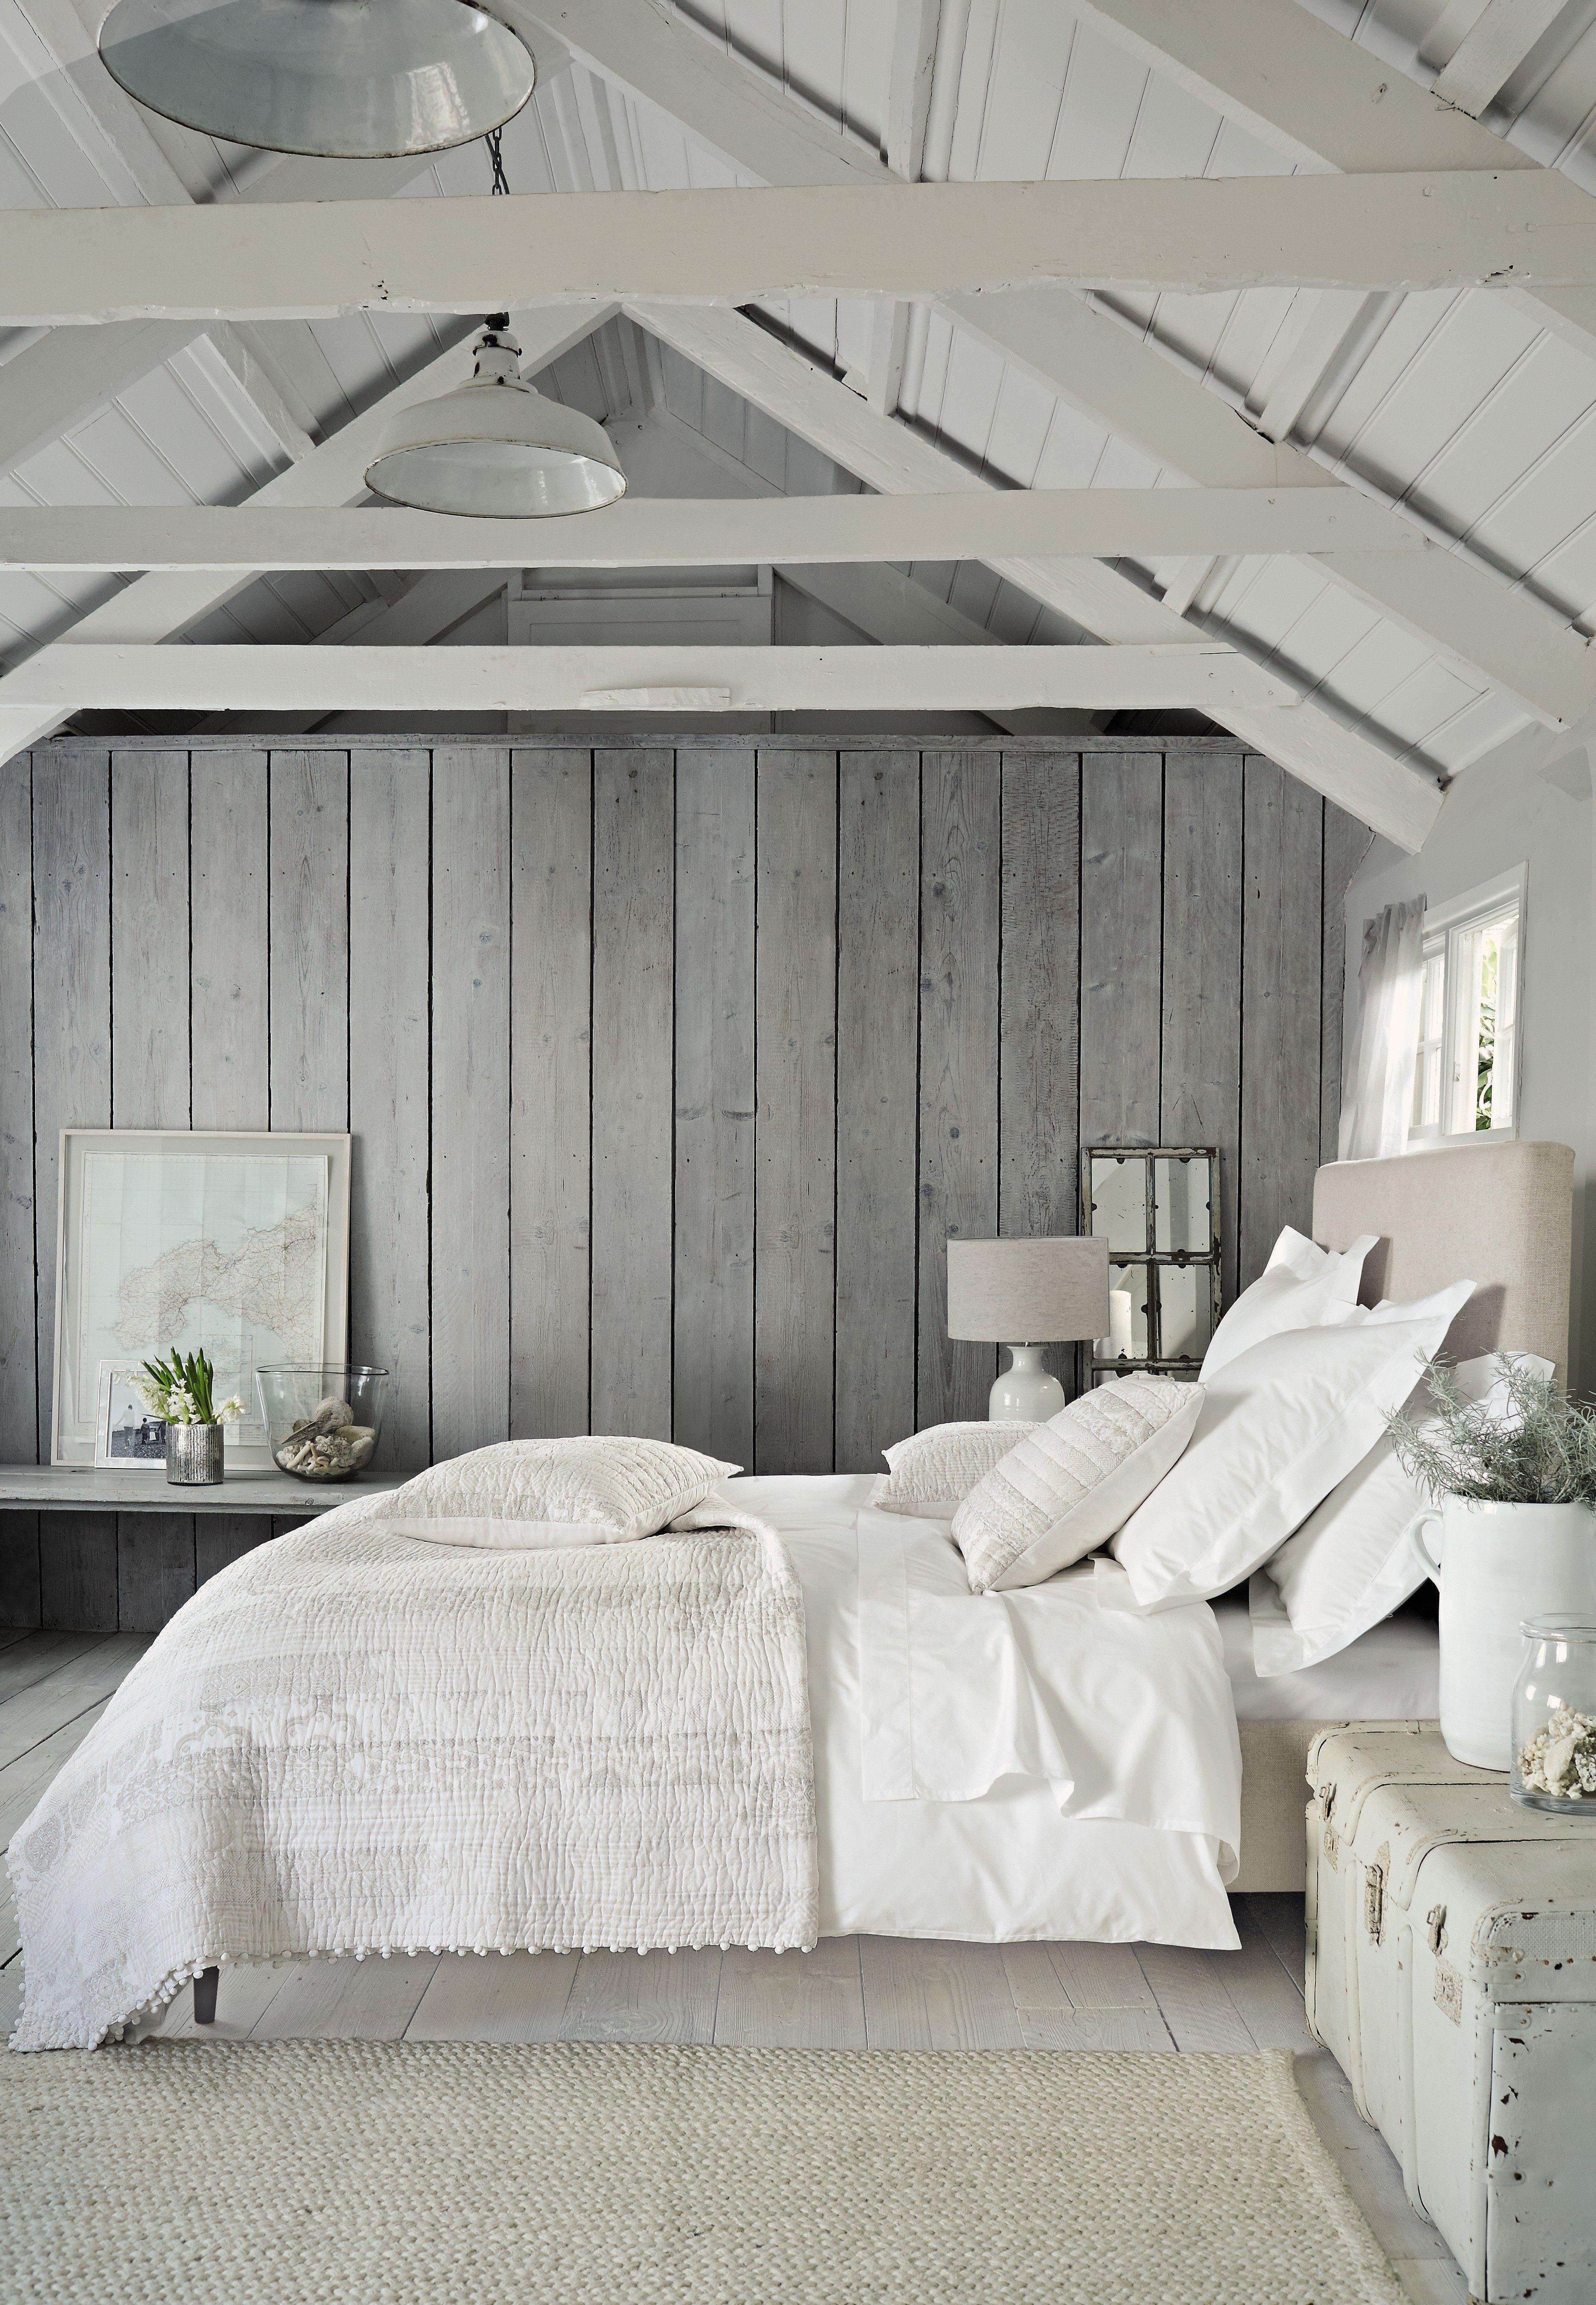 dunkelgrau im schlafzimmer modell wohndesign | wohnen